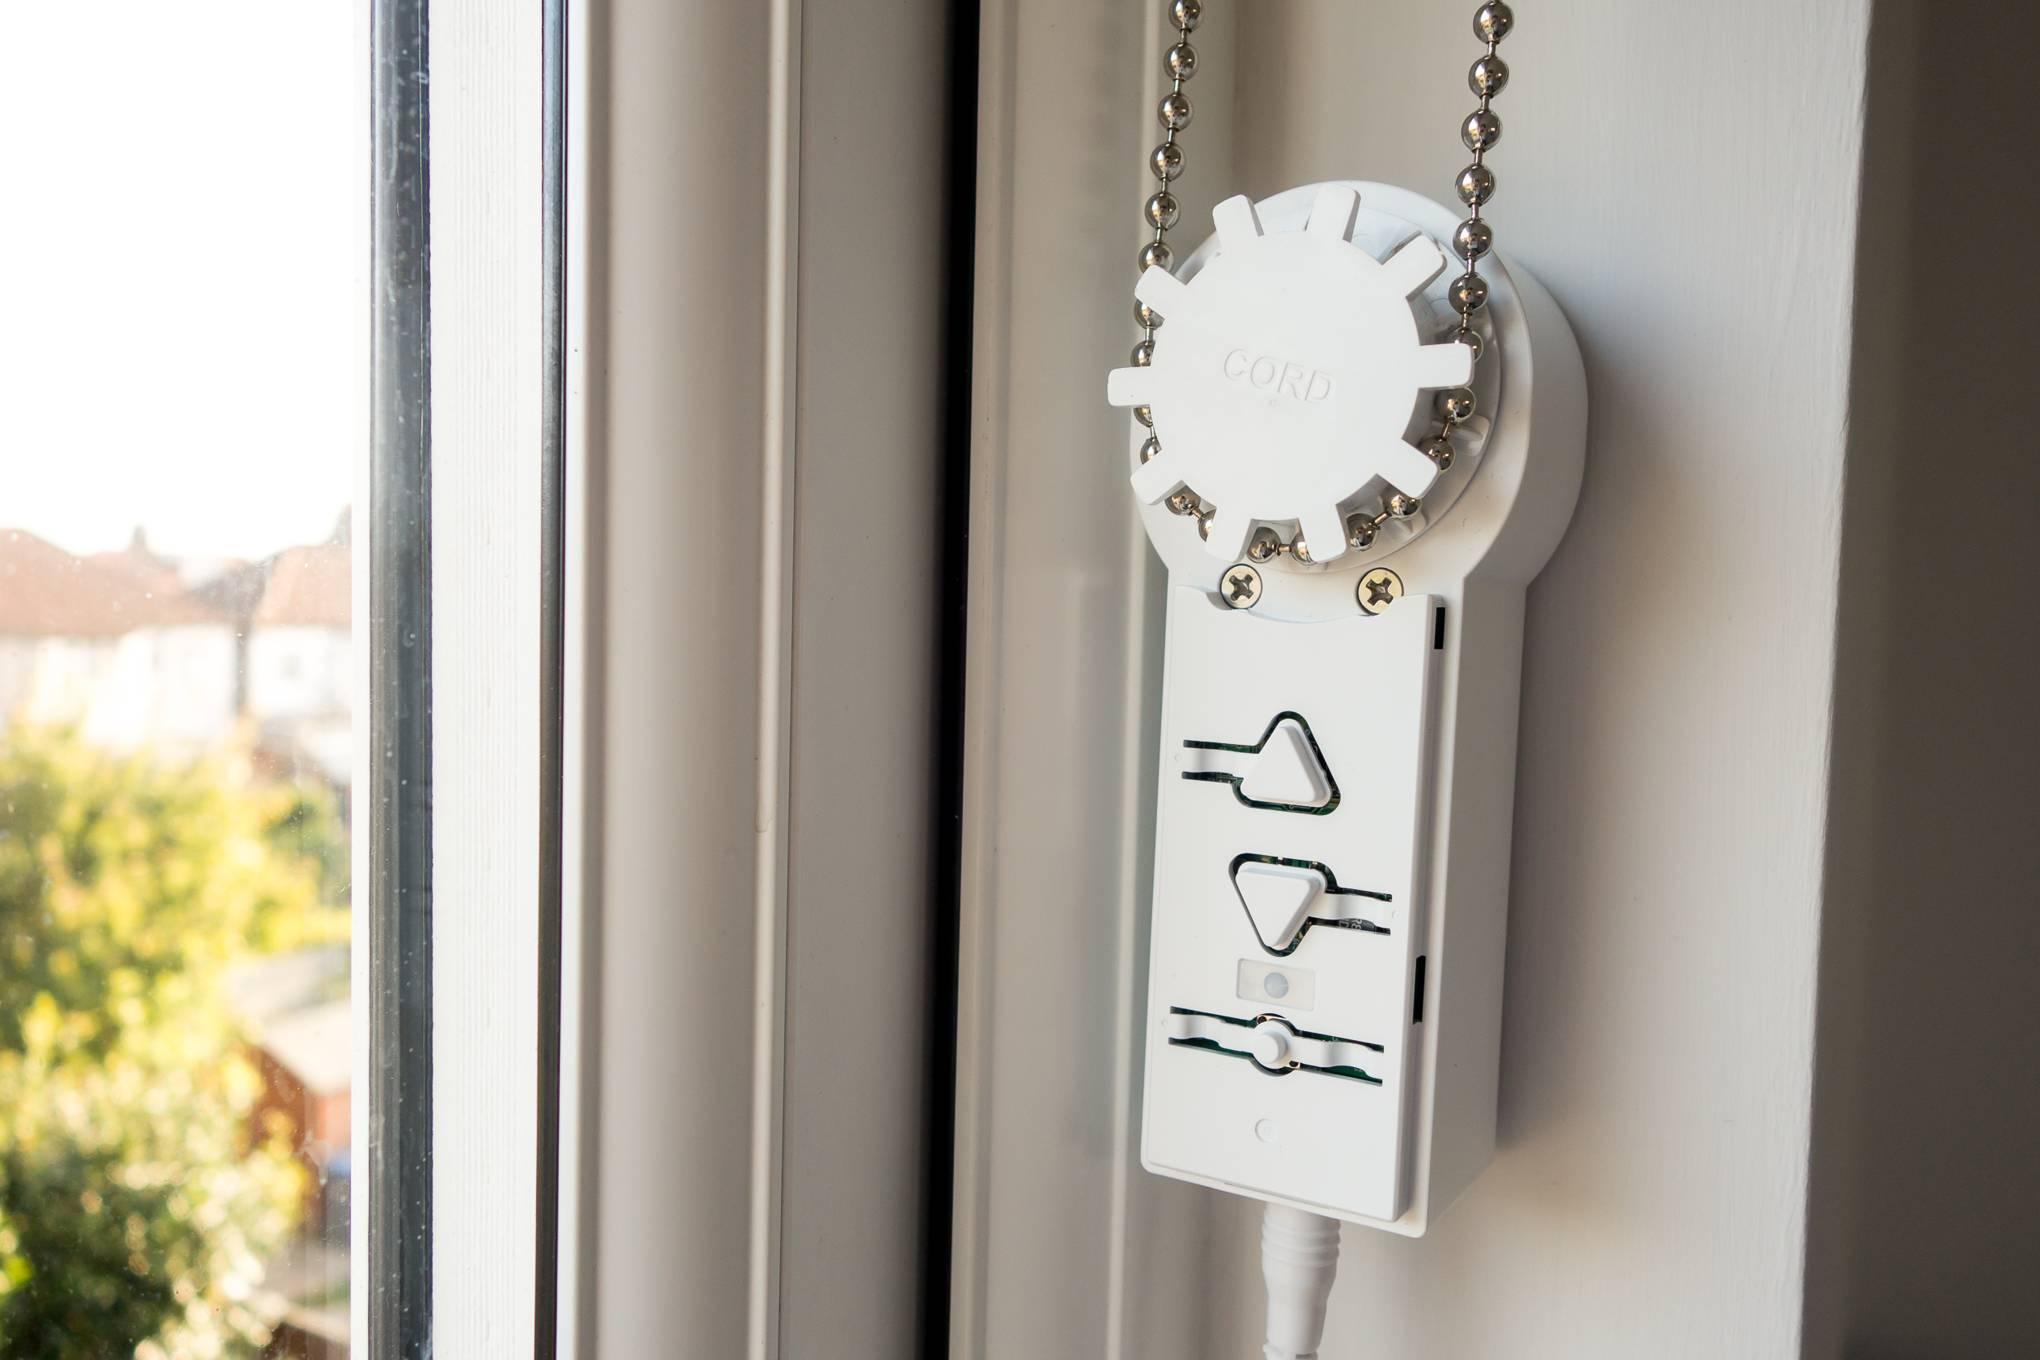 kassala roller kitchen appeal uk shading smart window blinds emerald home